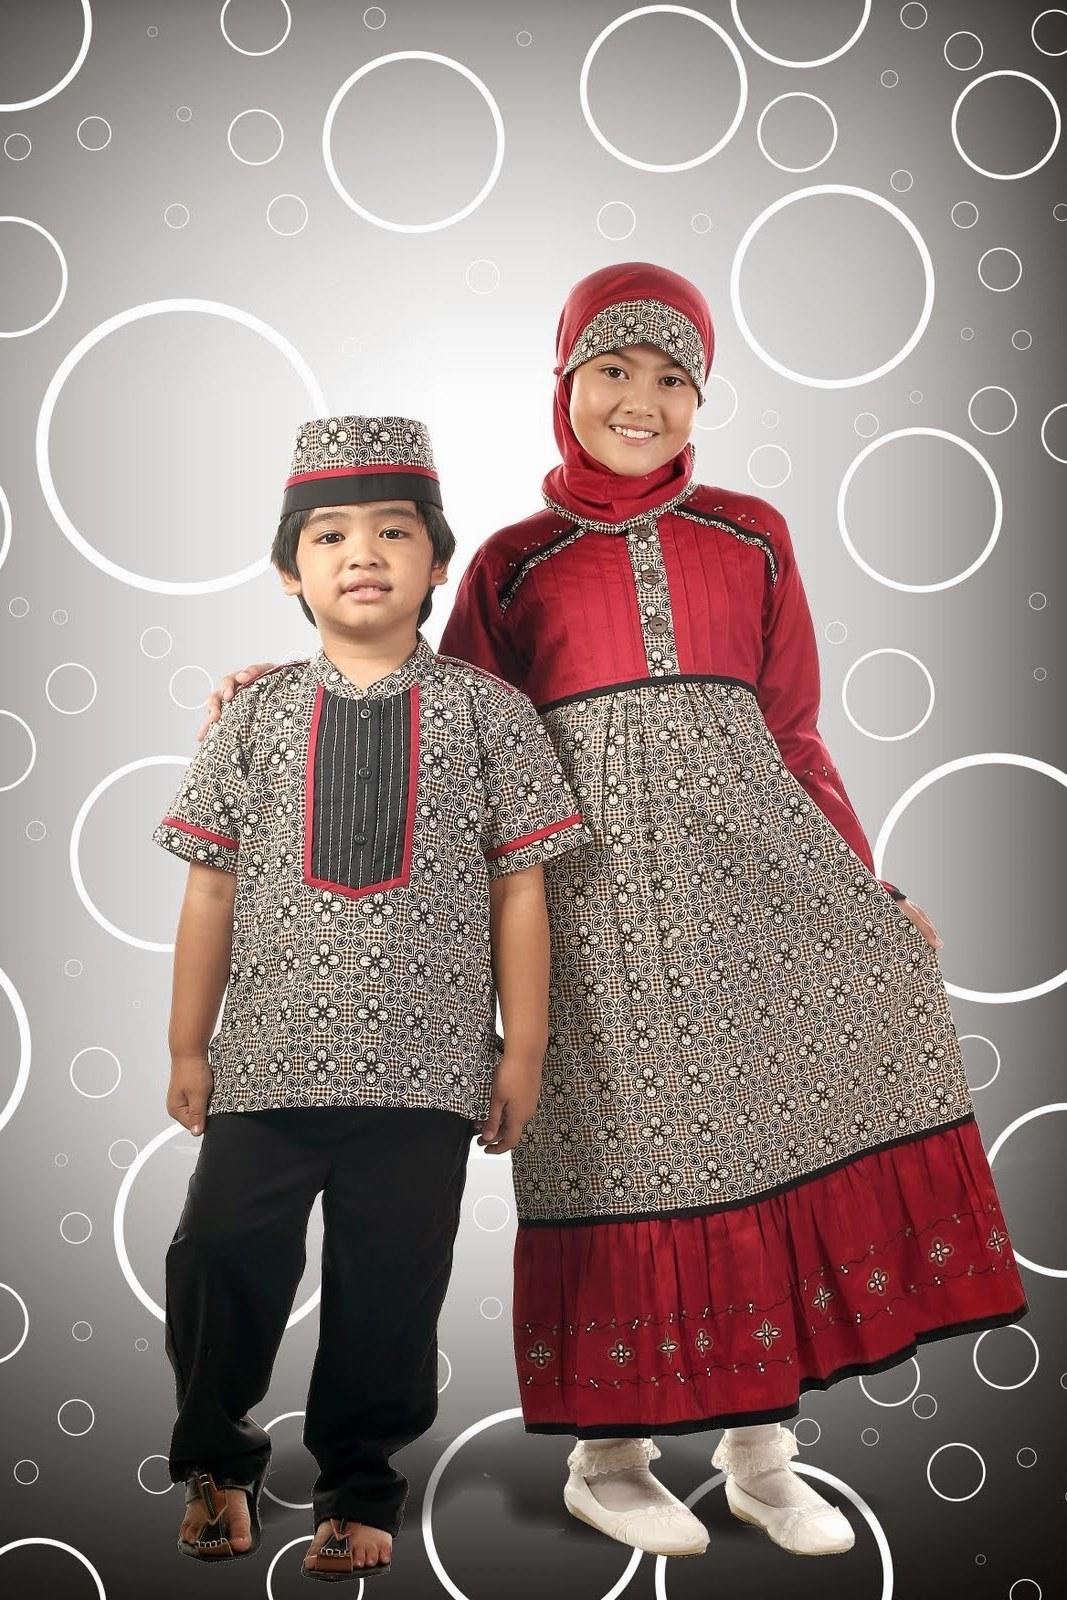 Bentuk Model Baju Lebaran Untuk Anak Perempuan H9d9 Model Baju Batik Muslim Terbaru Untuk Anak Perempuan Dan